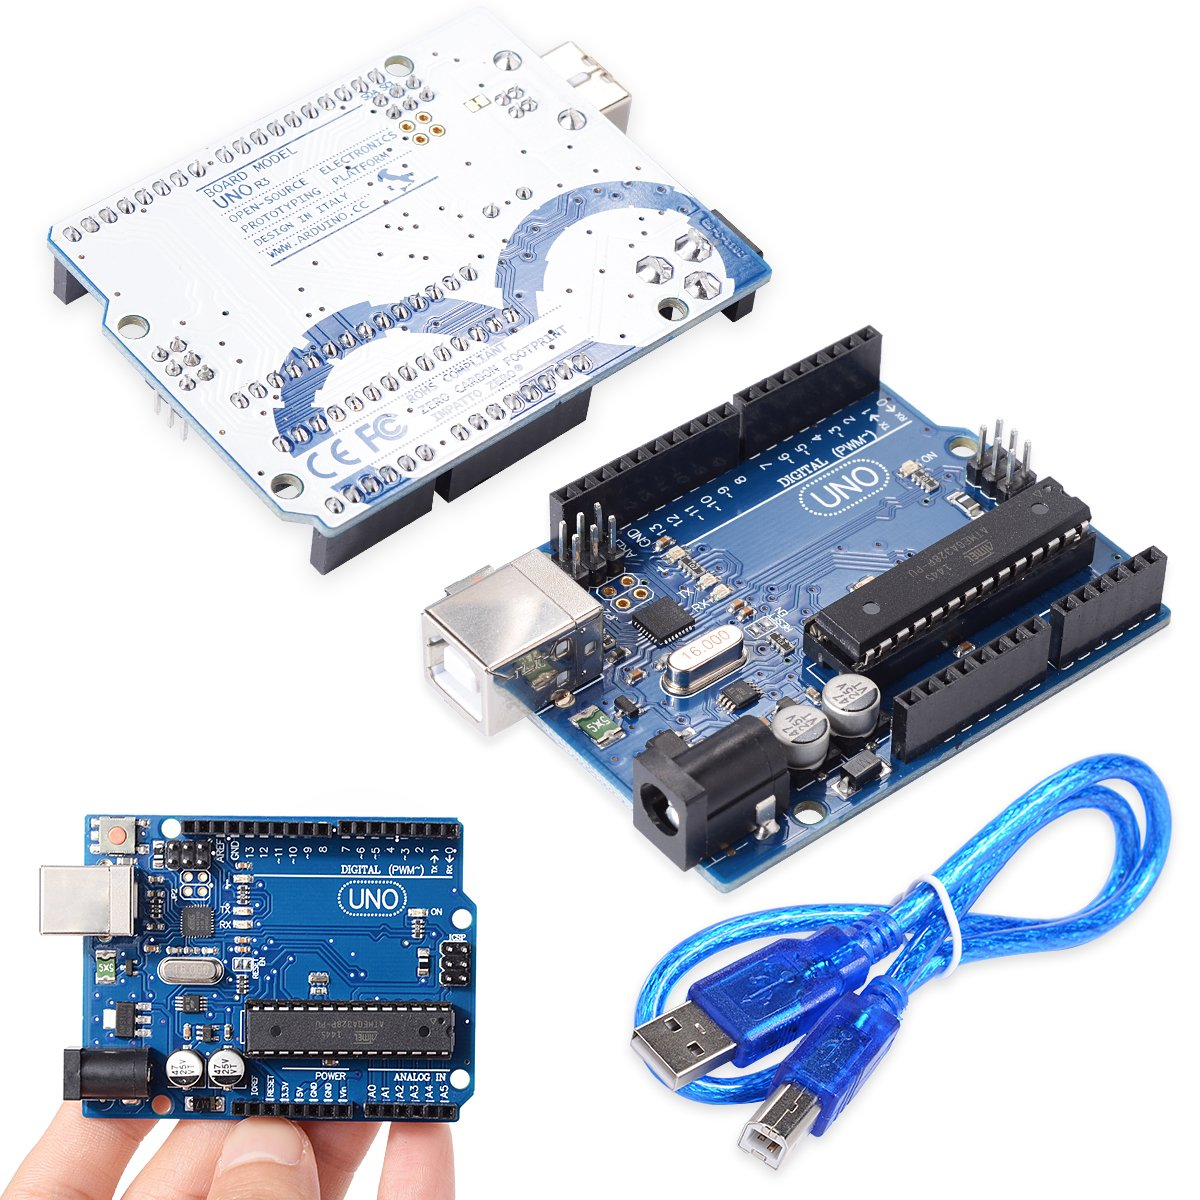 XCSOURCE® Tablero UNO R3 ATmega328P ATmega16U2 Versión 2015 + Cable USB Gratis Para Arduino DIY TE111